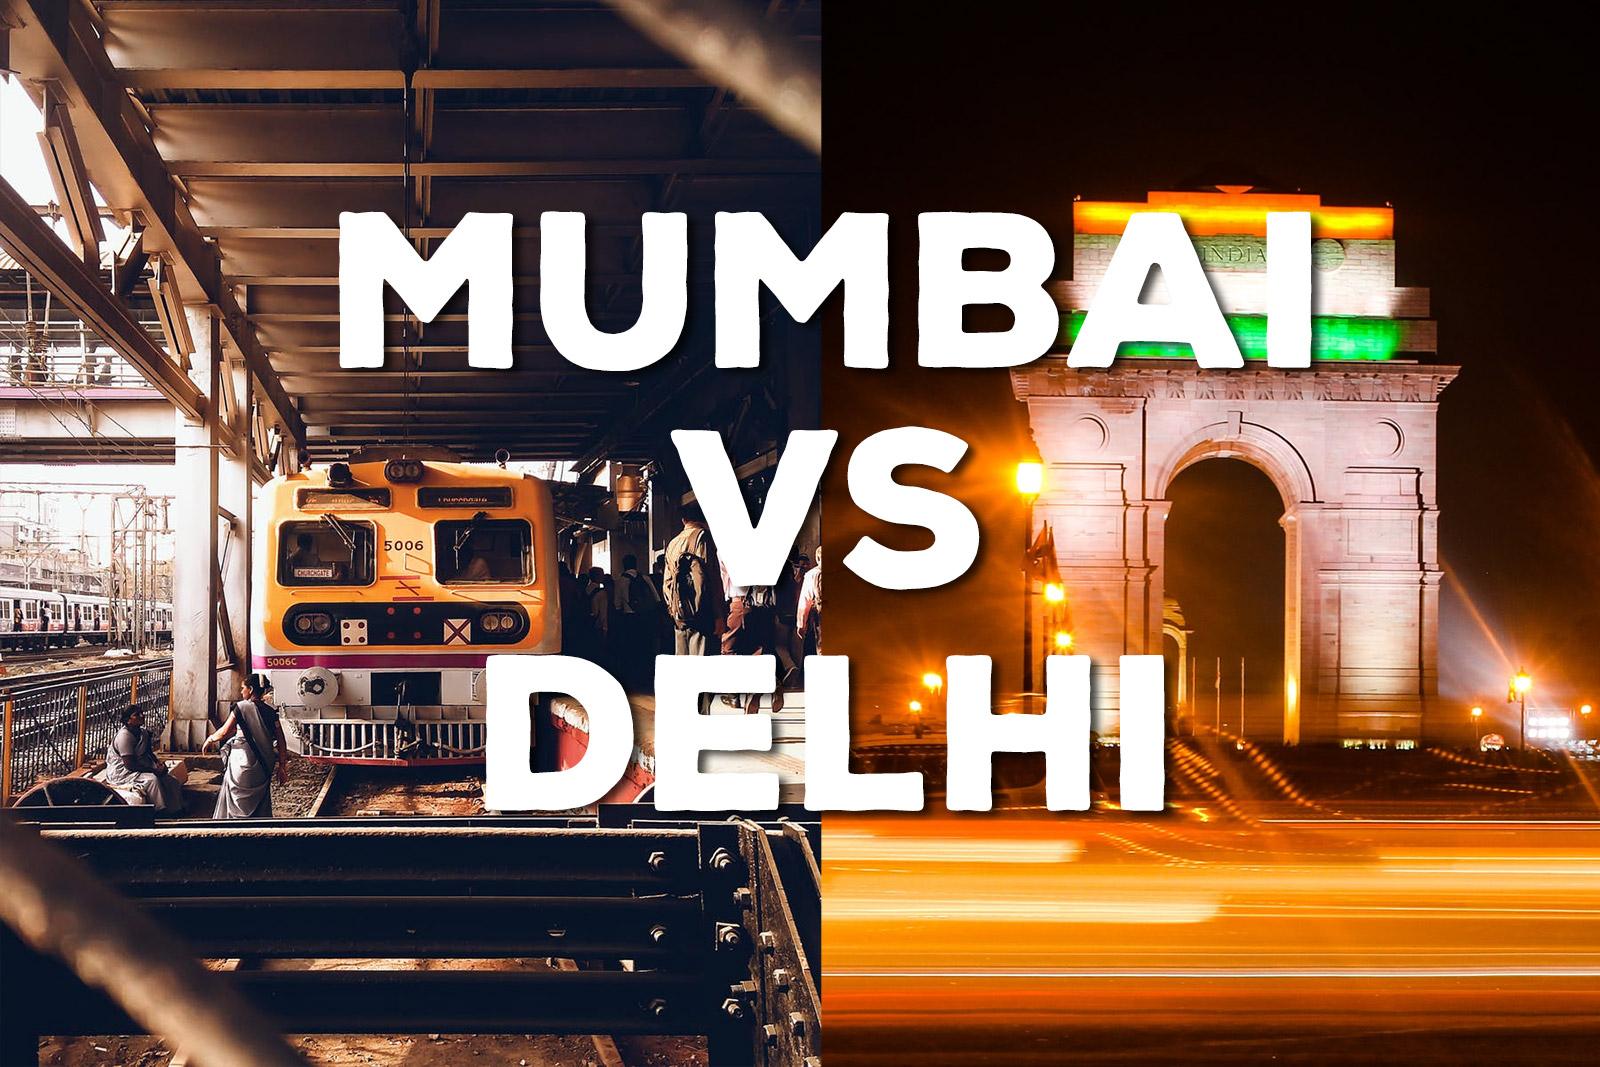 Mumbai-vs-Delhi